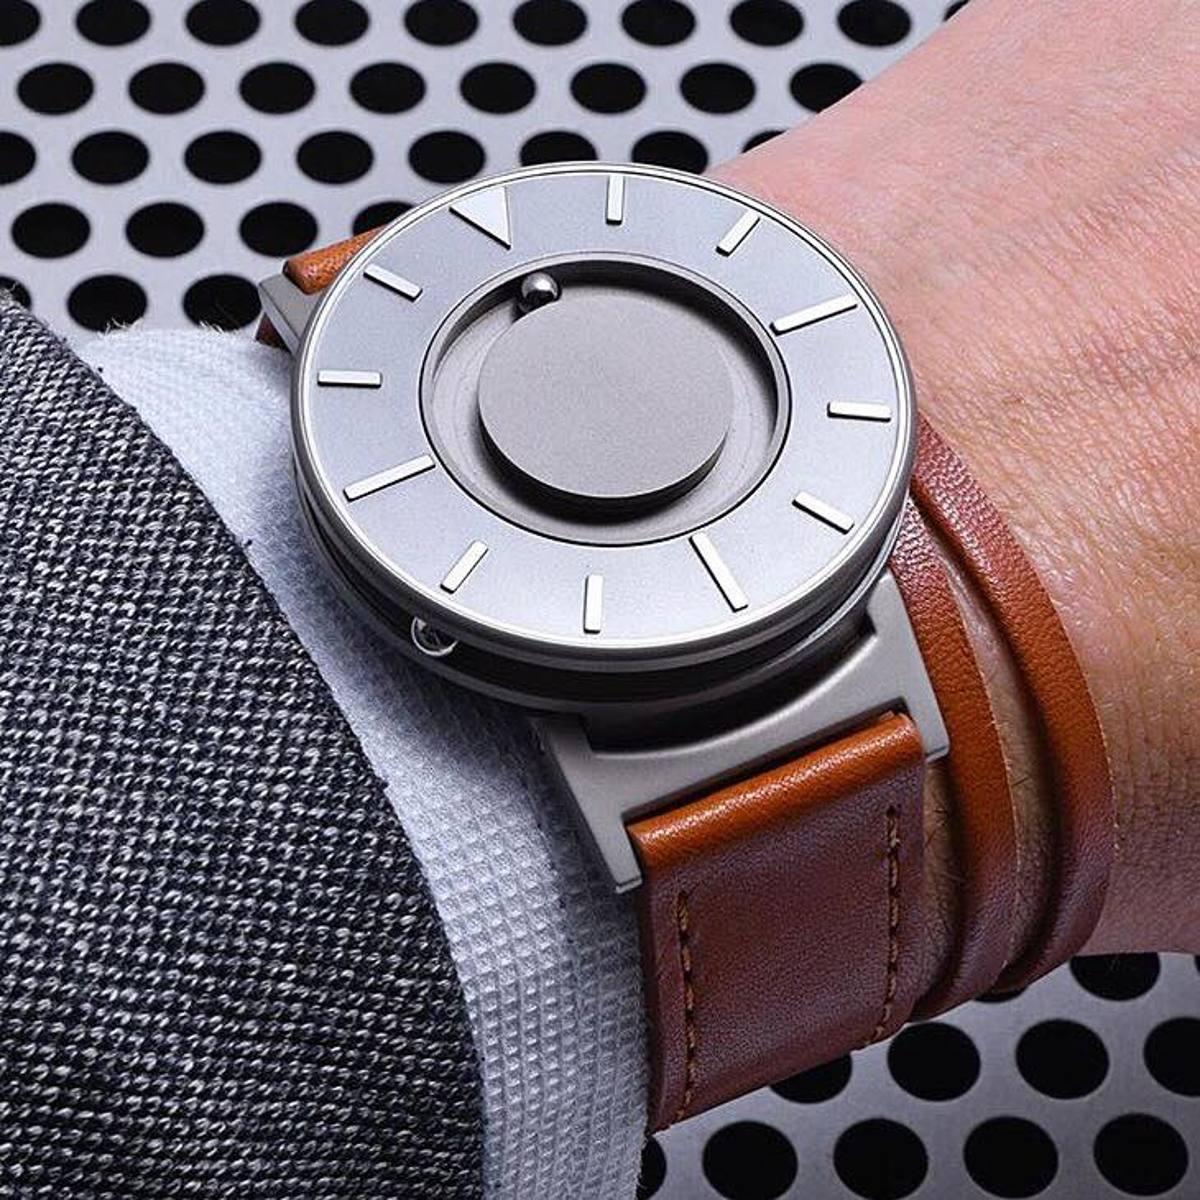 個性的な腕時計を探す方に。愛着の持てる一本を手に入れよう